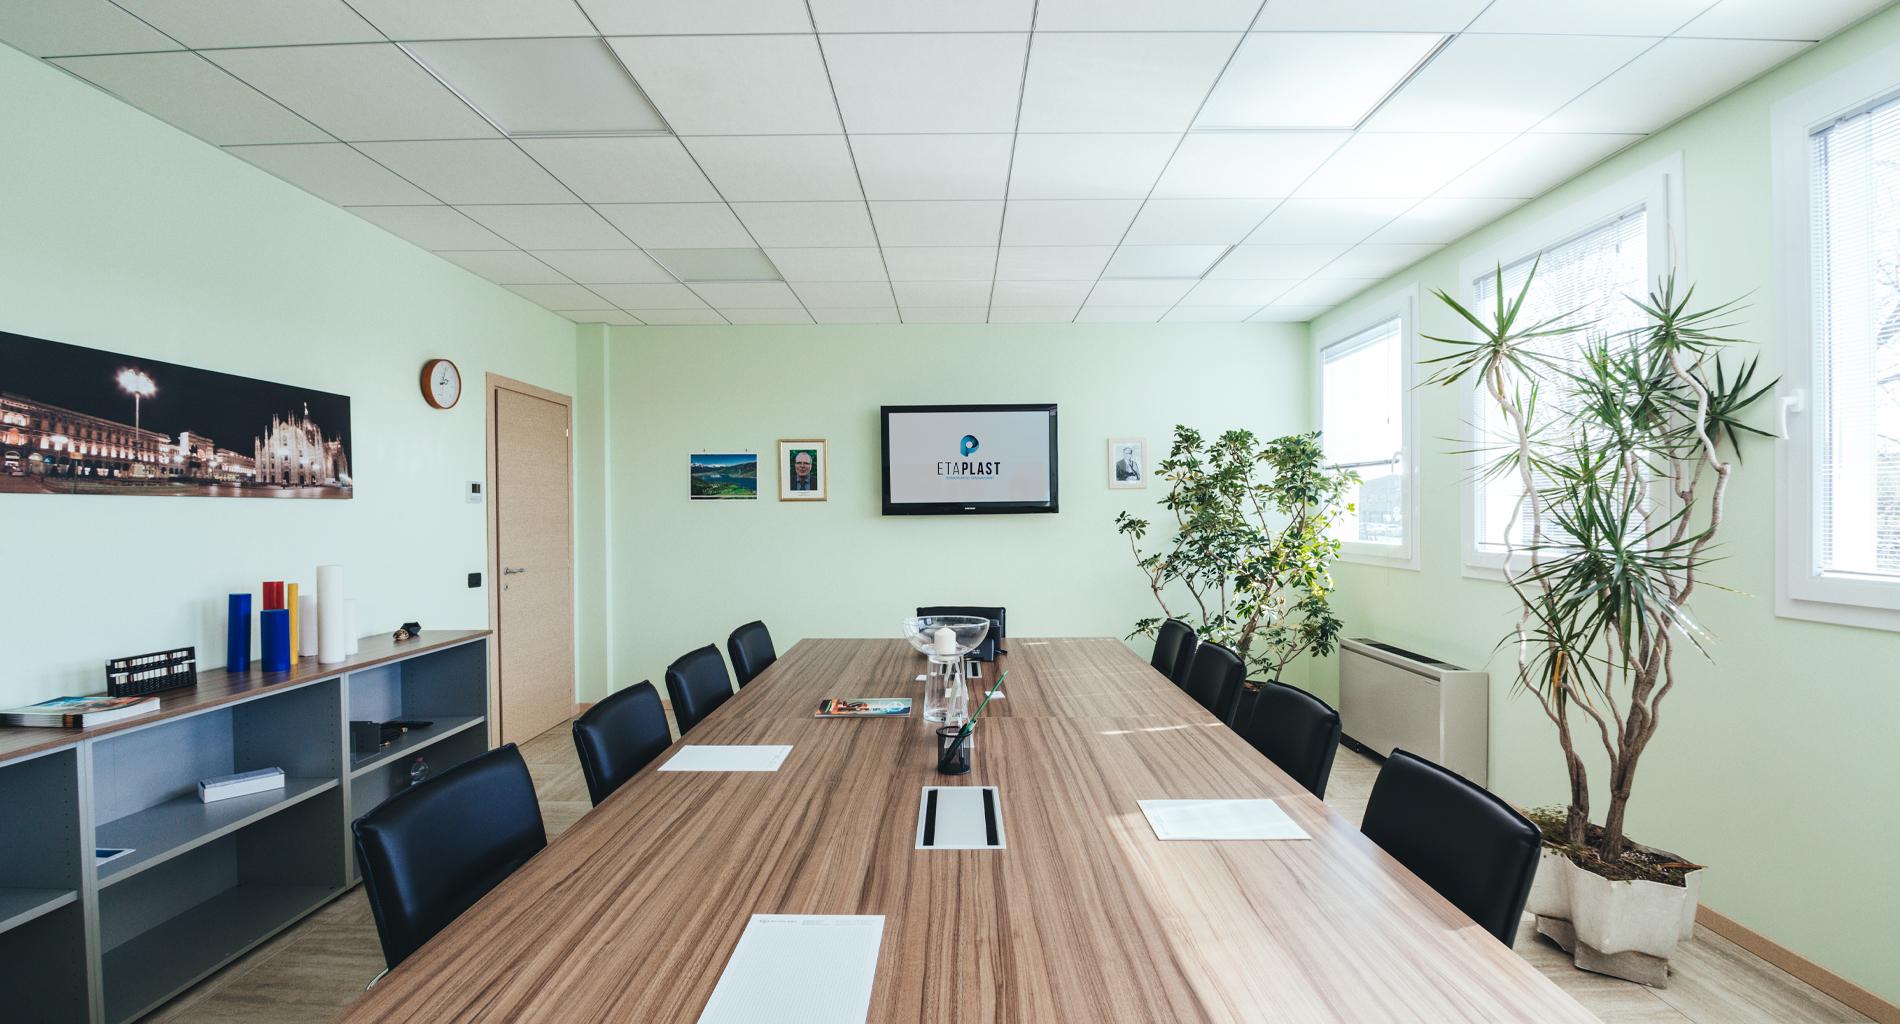 etaplast sala riunioni